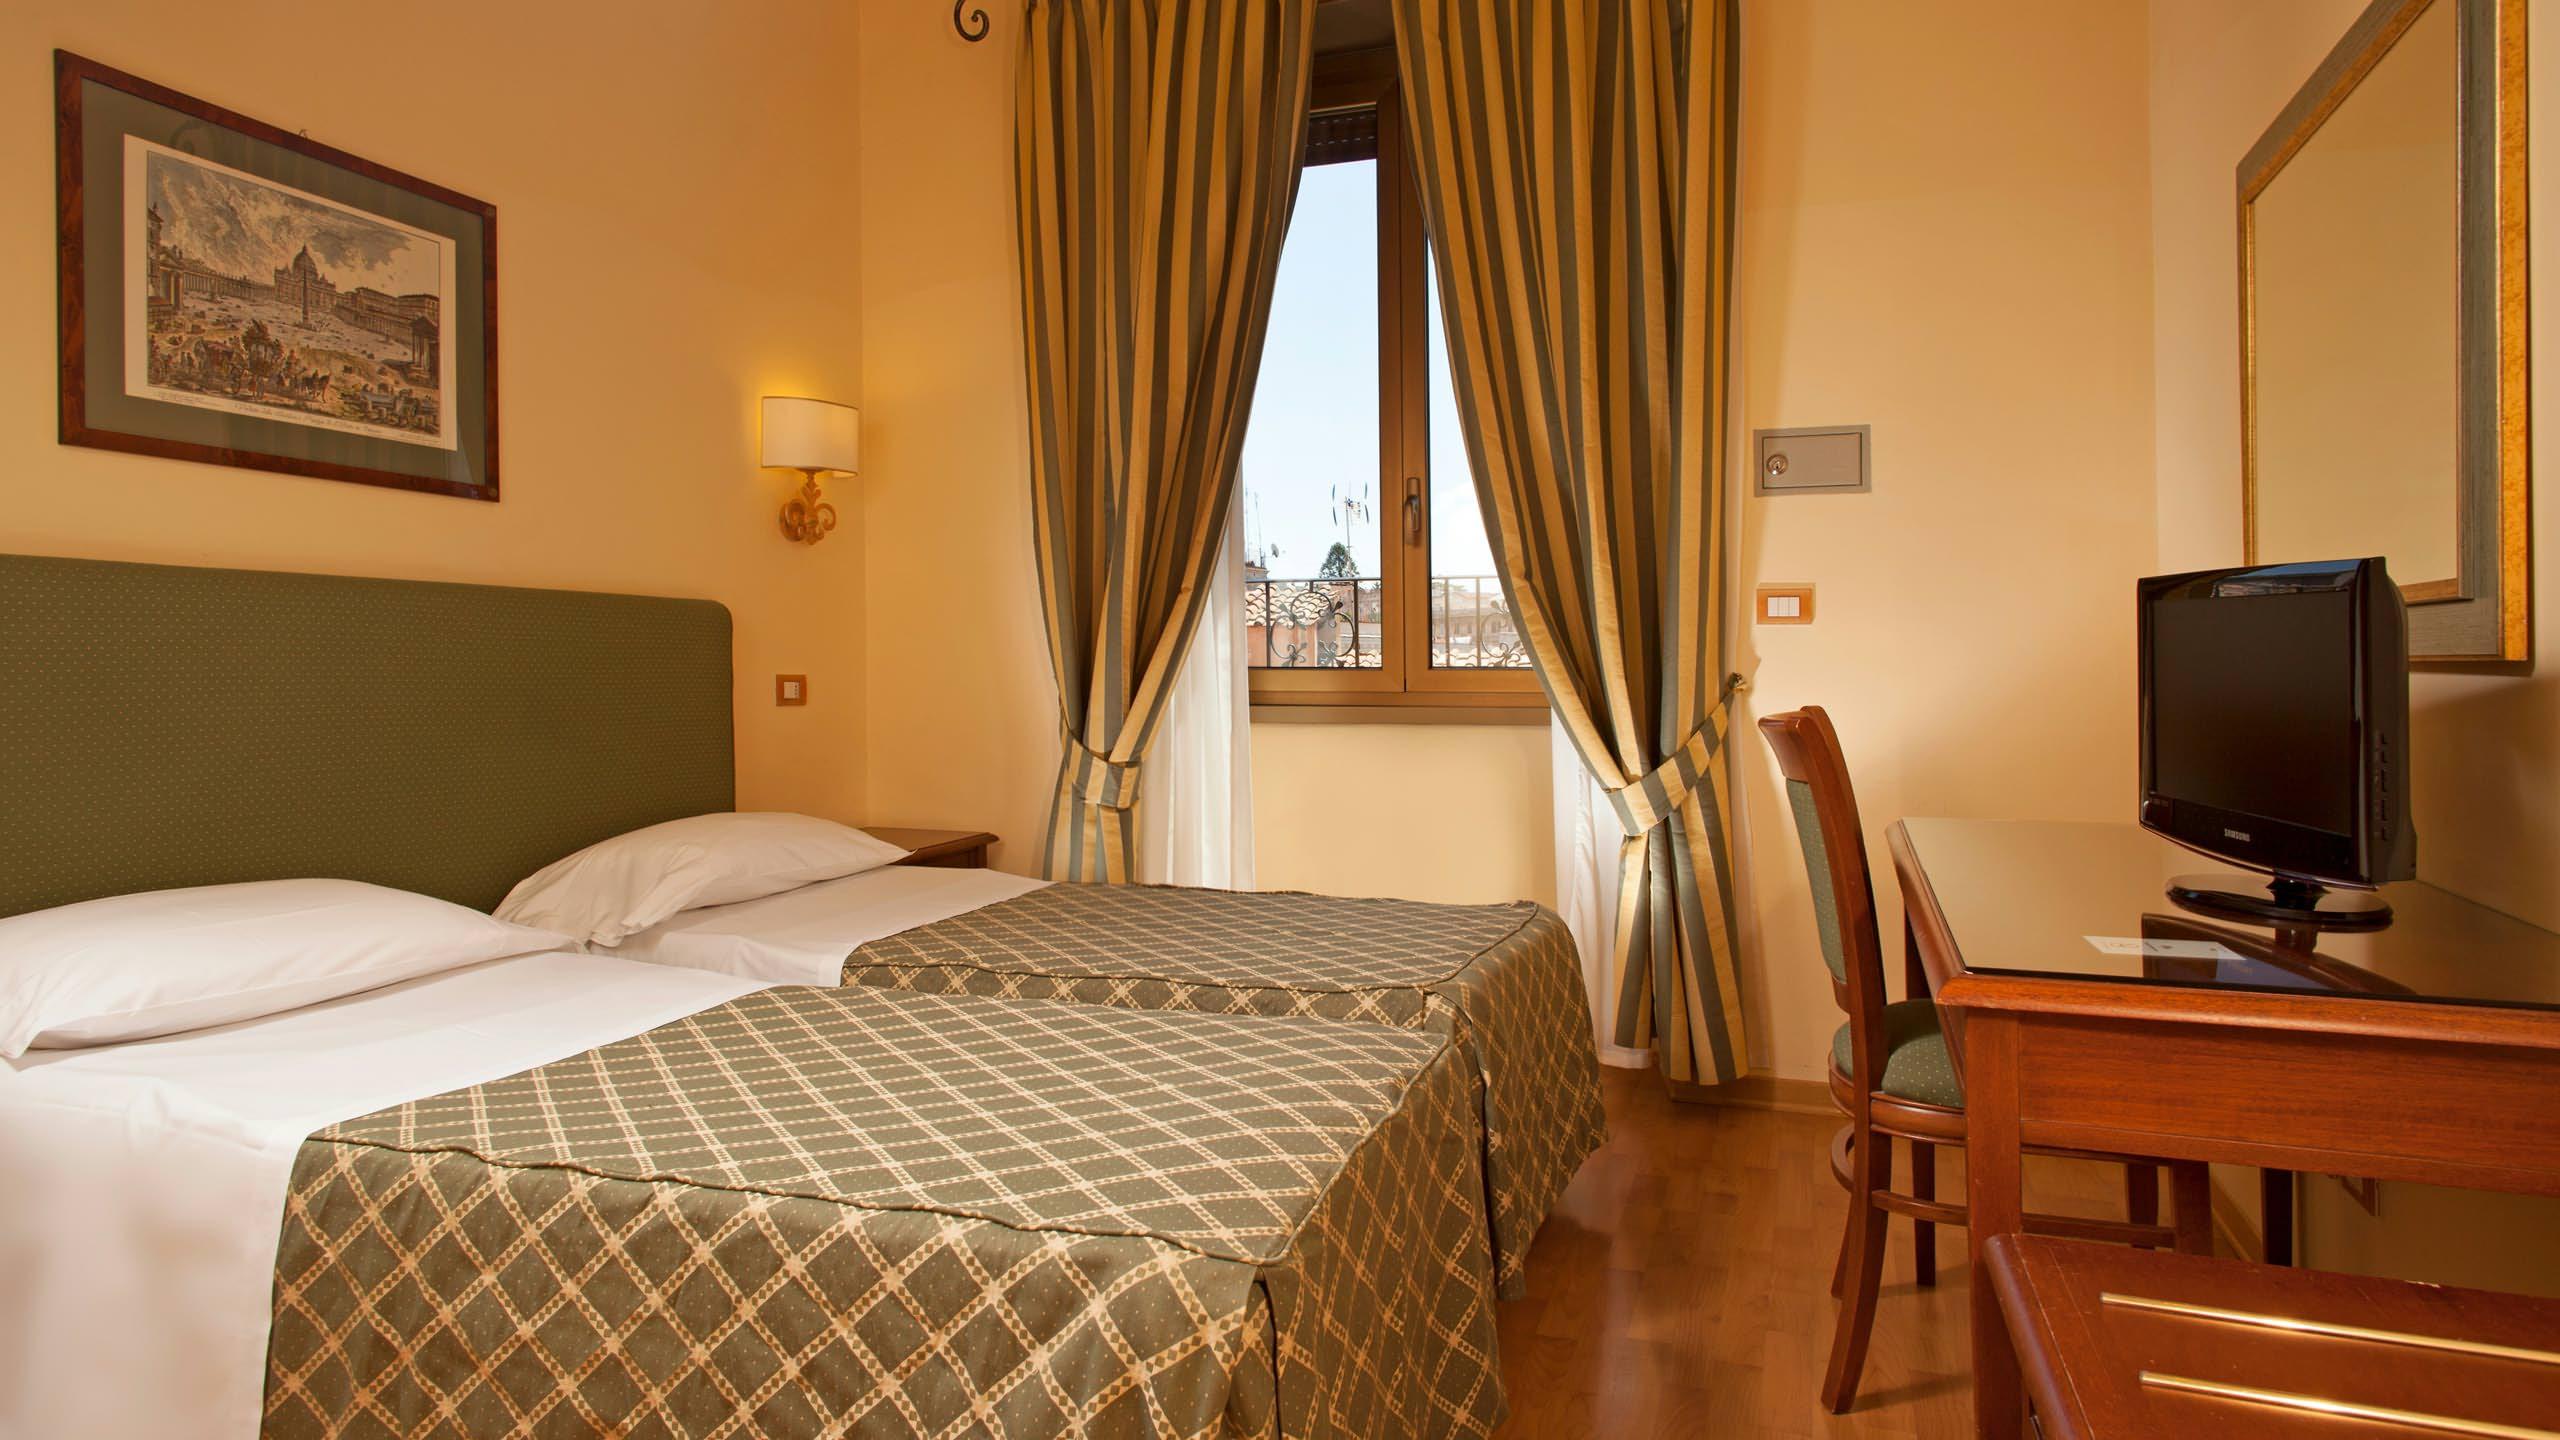 Hotel colosseum roma sito ufficiale hotel 3 stelle for Indirizzo camera dei deputati roma